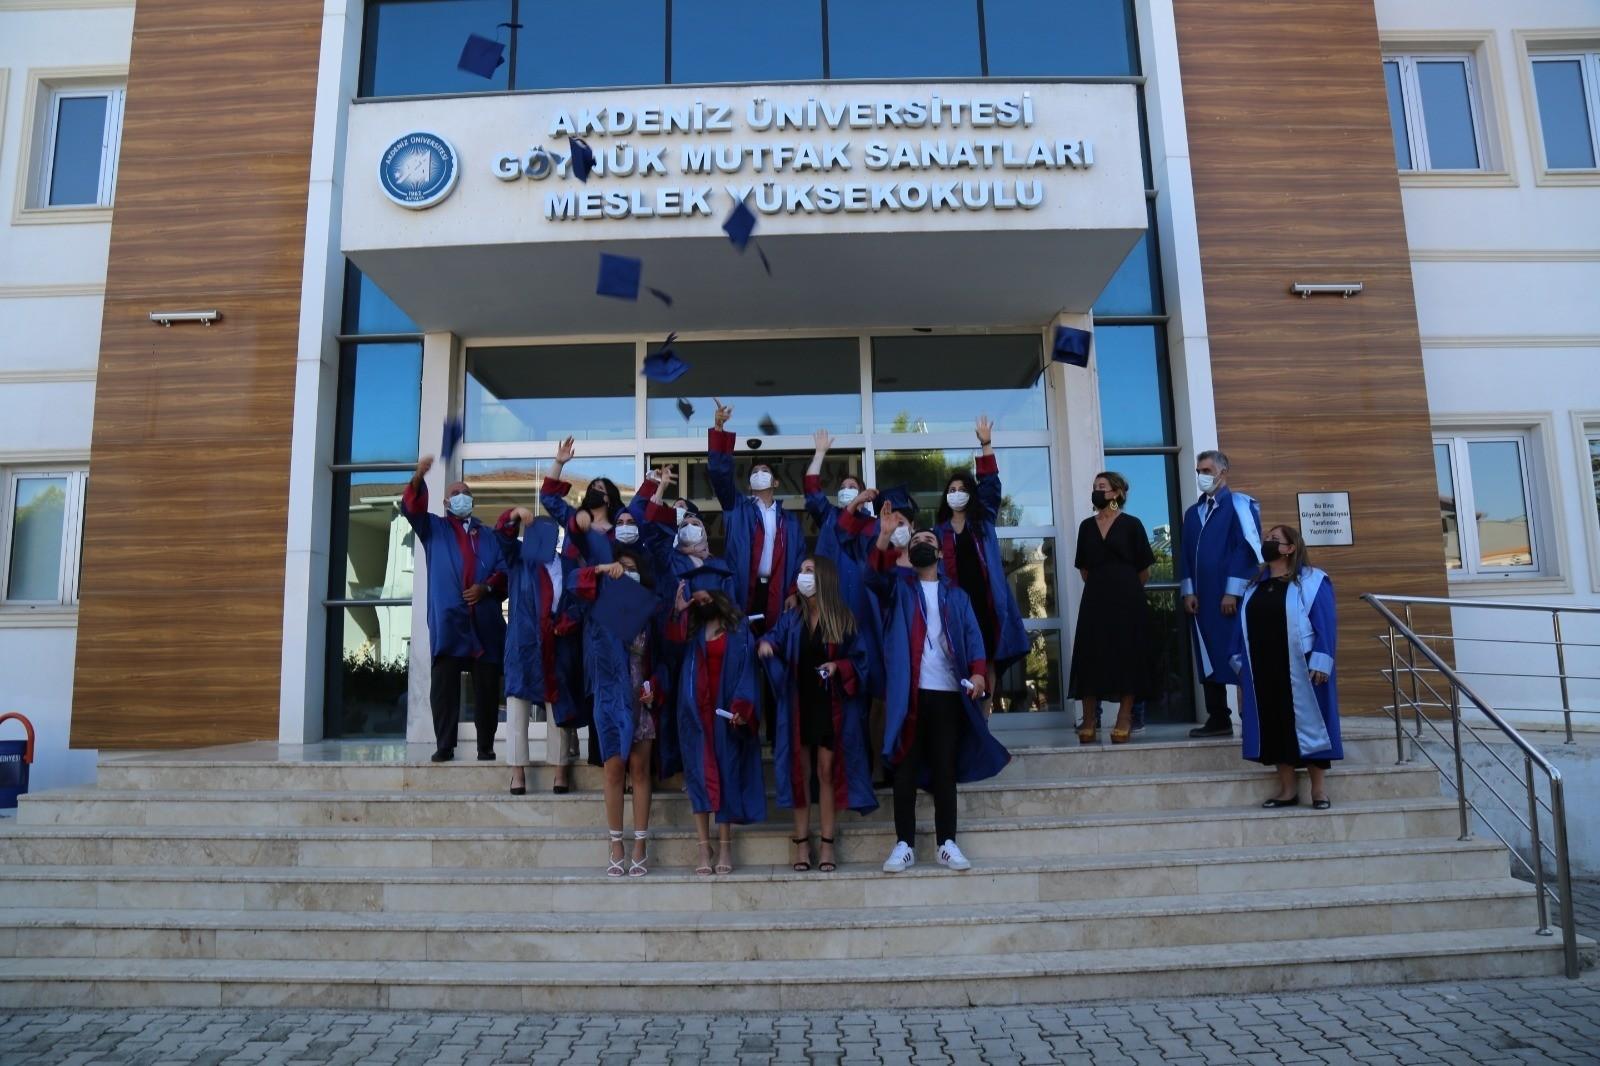 Akdeniz Üniversitesinde mezuniyet süreci tamamlandı